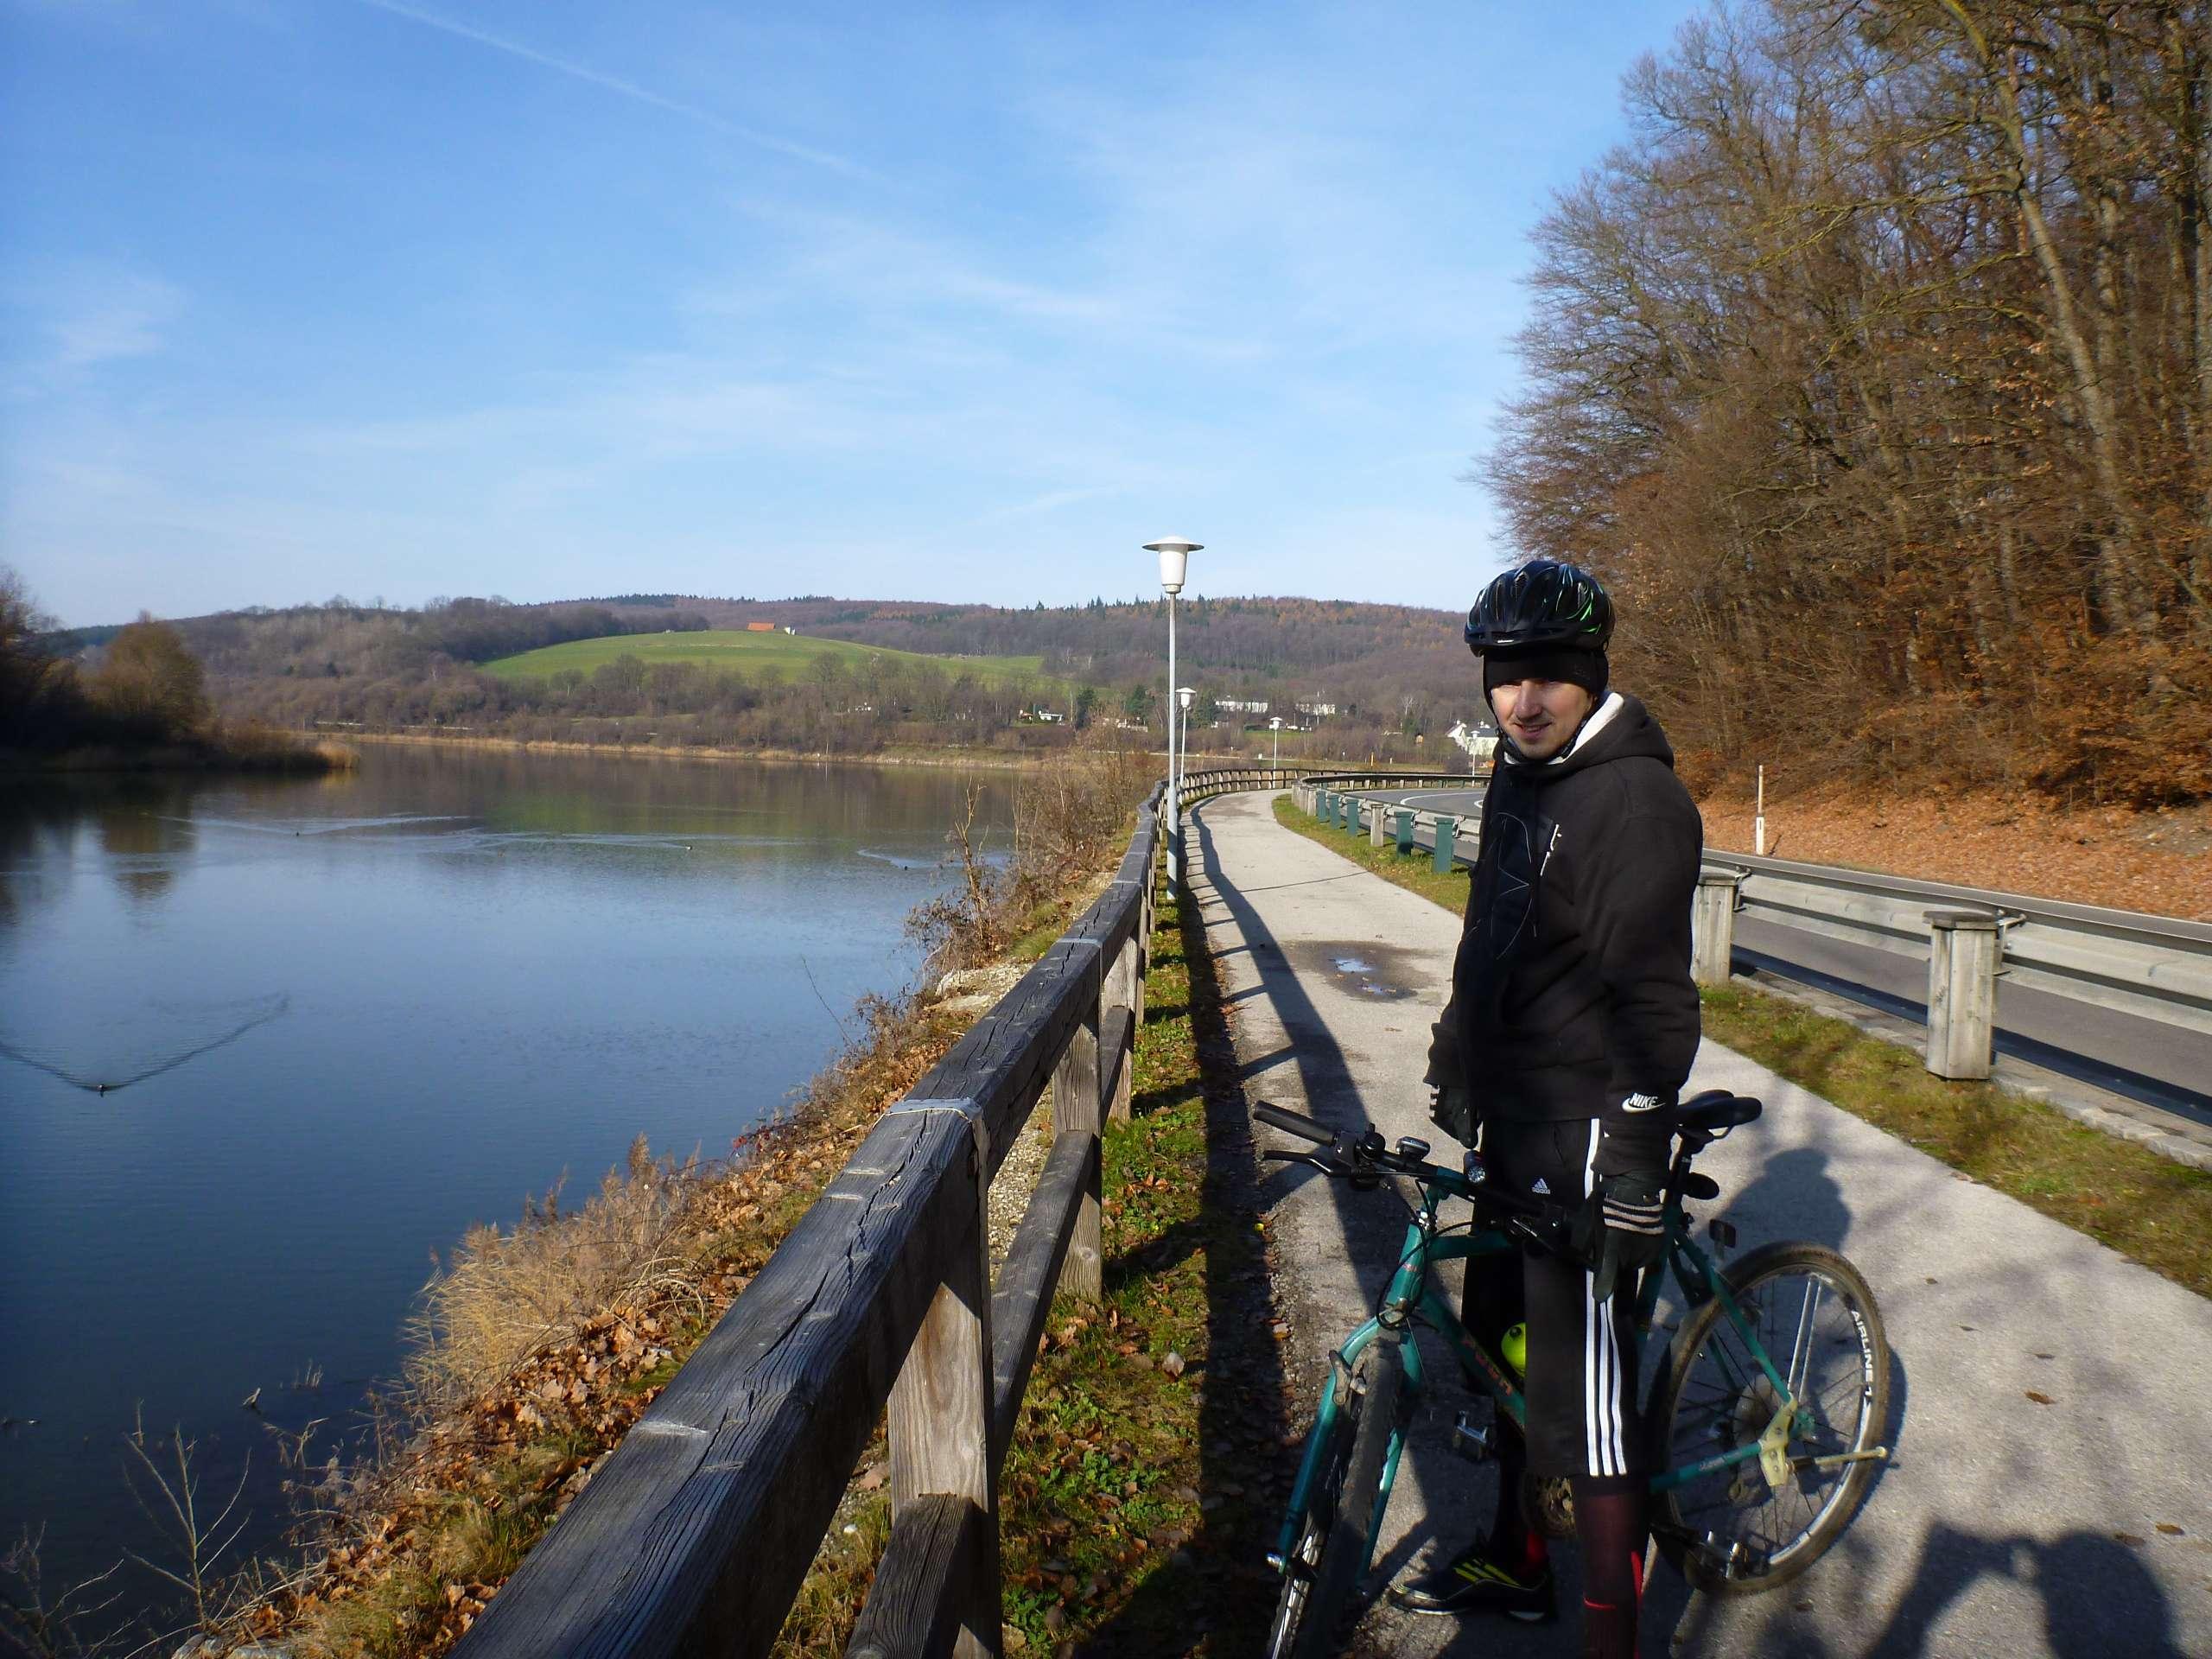 Wienerwaldsee